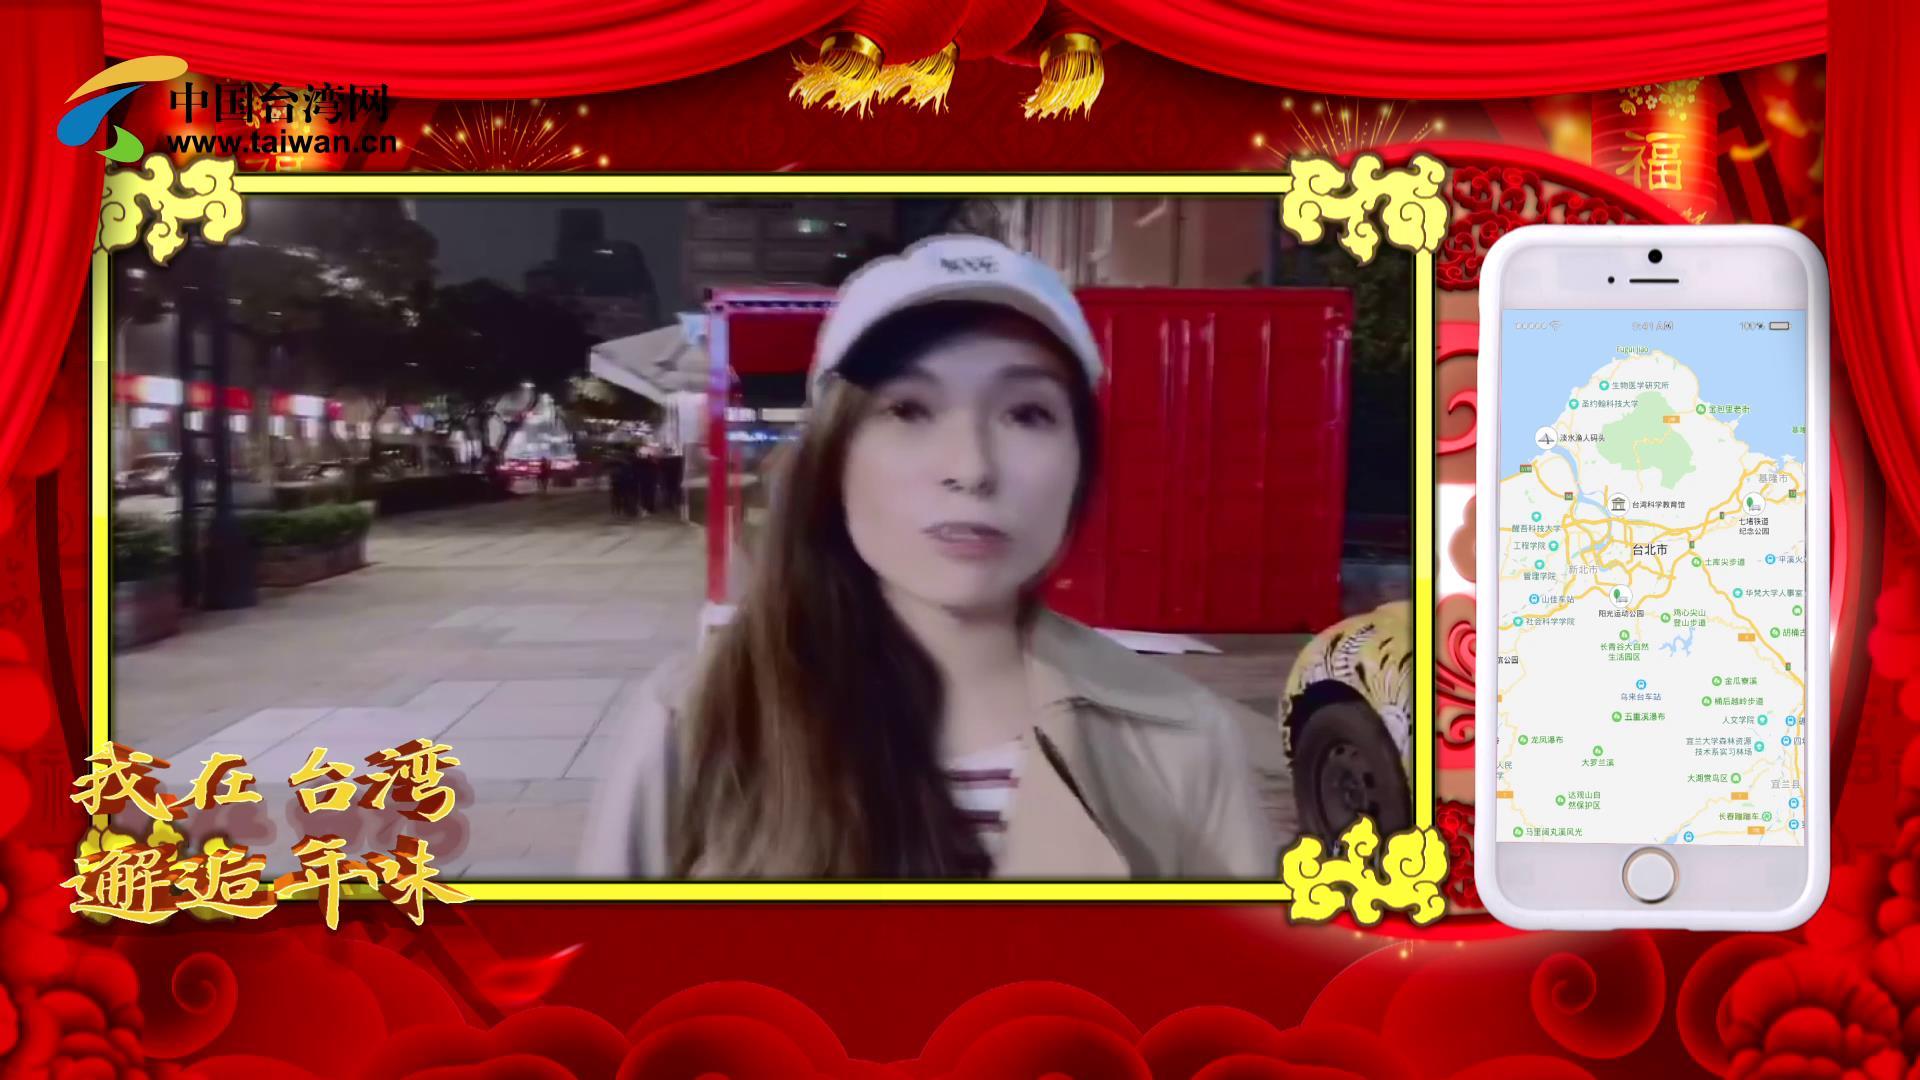 台湾网春节特辑:我在台湾邂逅年味图片